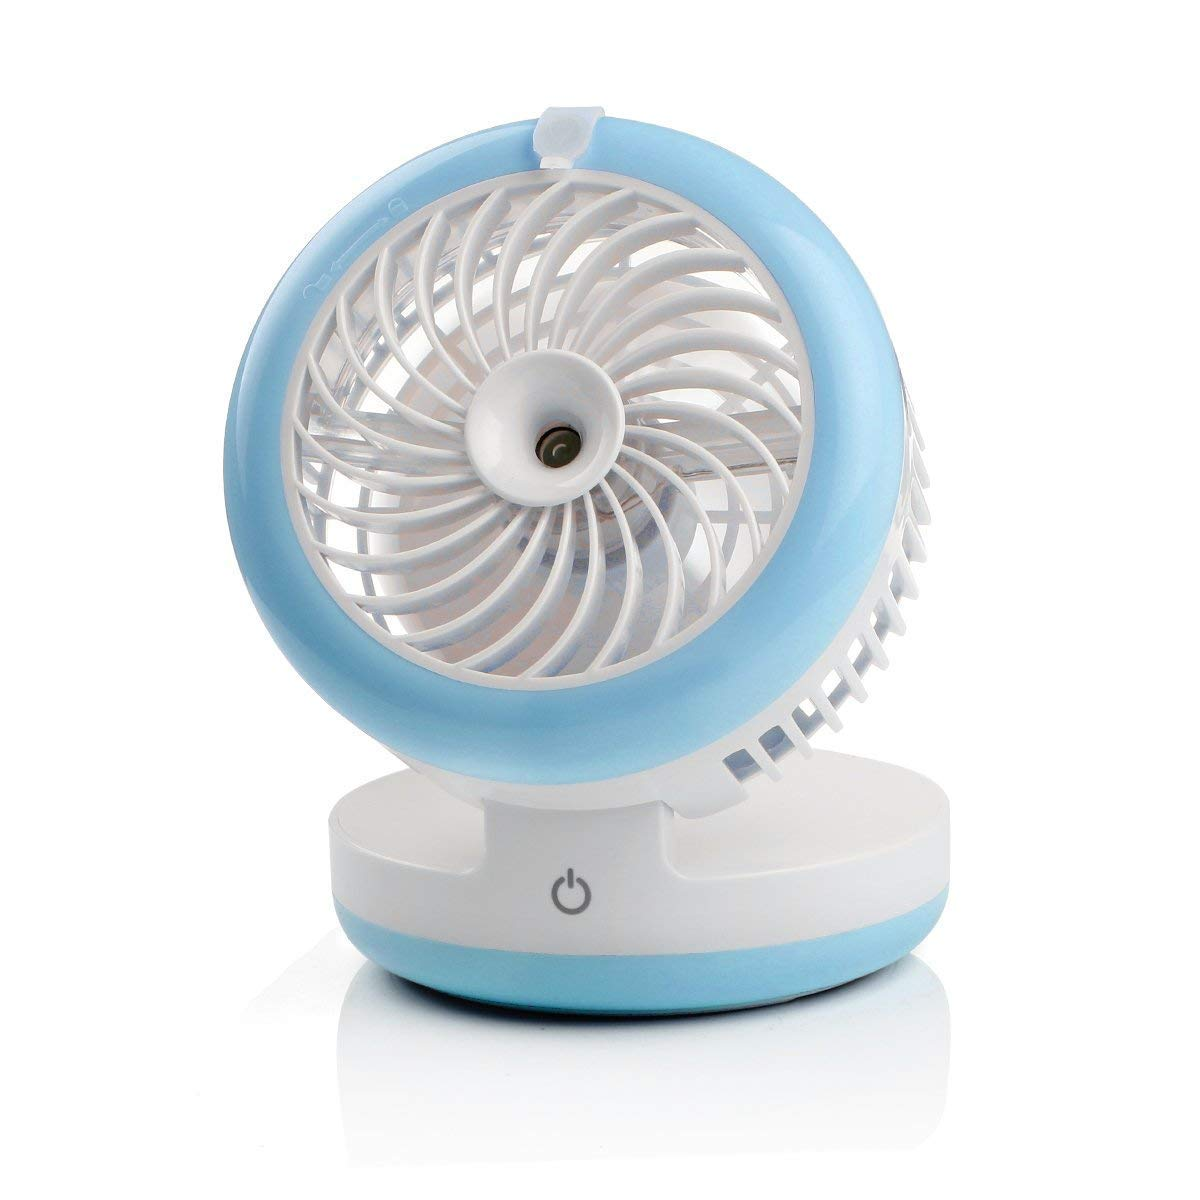 Cingk Personal Fan Cooling Misting Fan, Portable USB Rechargeable Fan, Power Bank, Table Desk Mini Humidifier, Multifunction 3 in 1, Blue